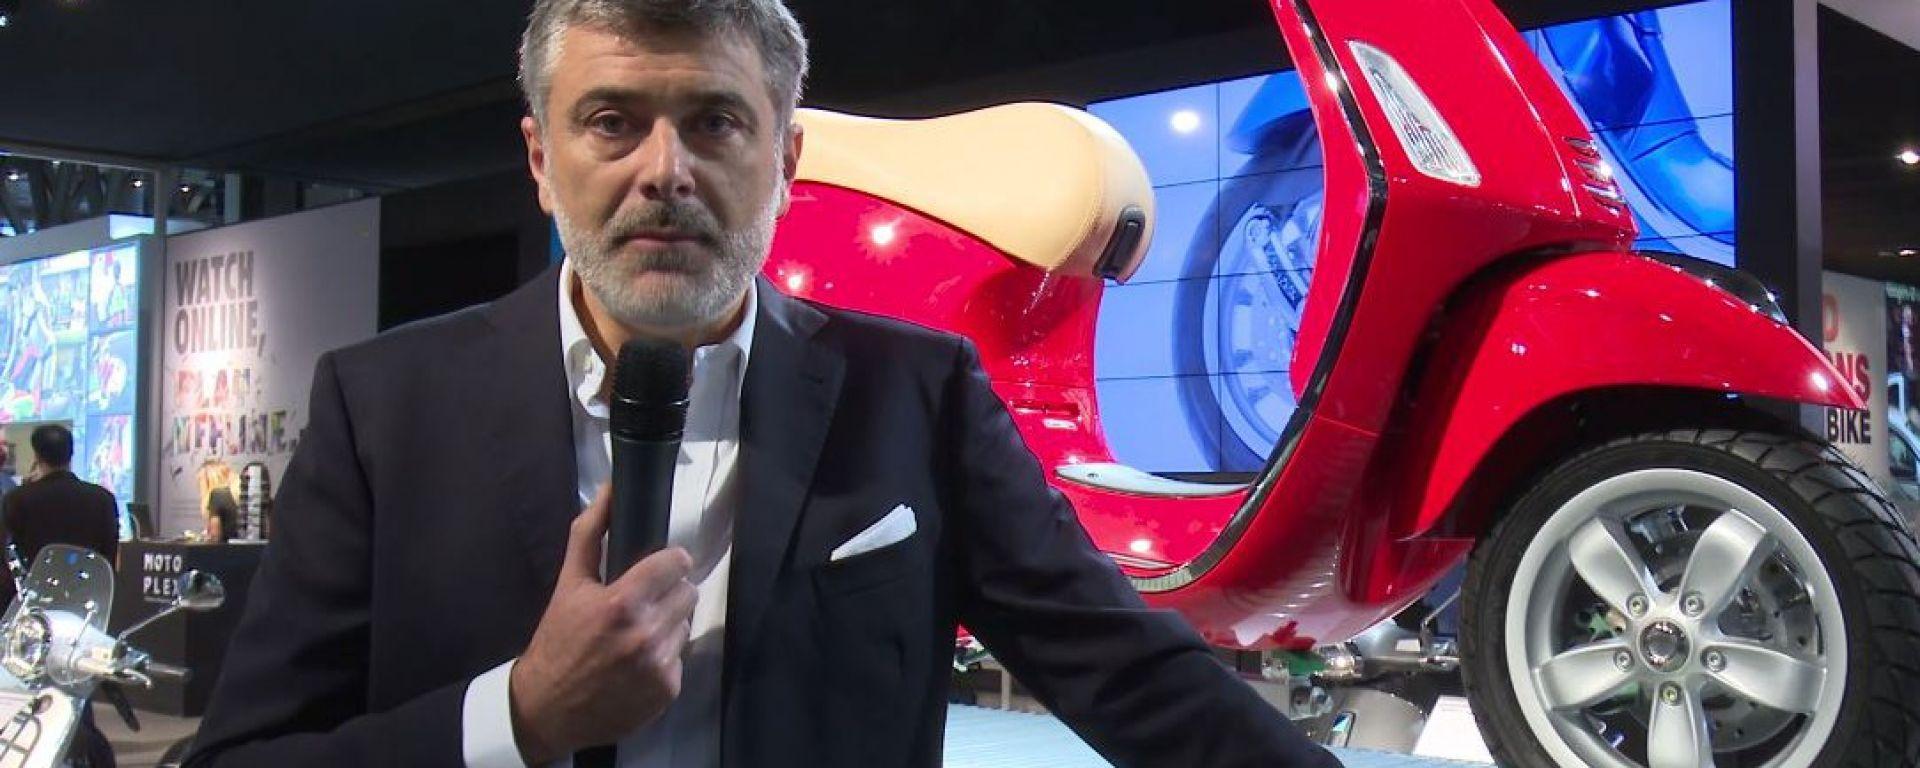 Eicma 2014, gli stand Piaggio e Vespa